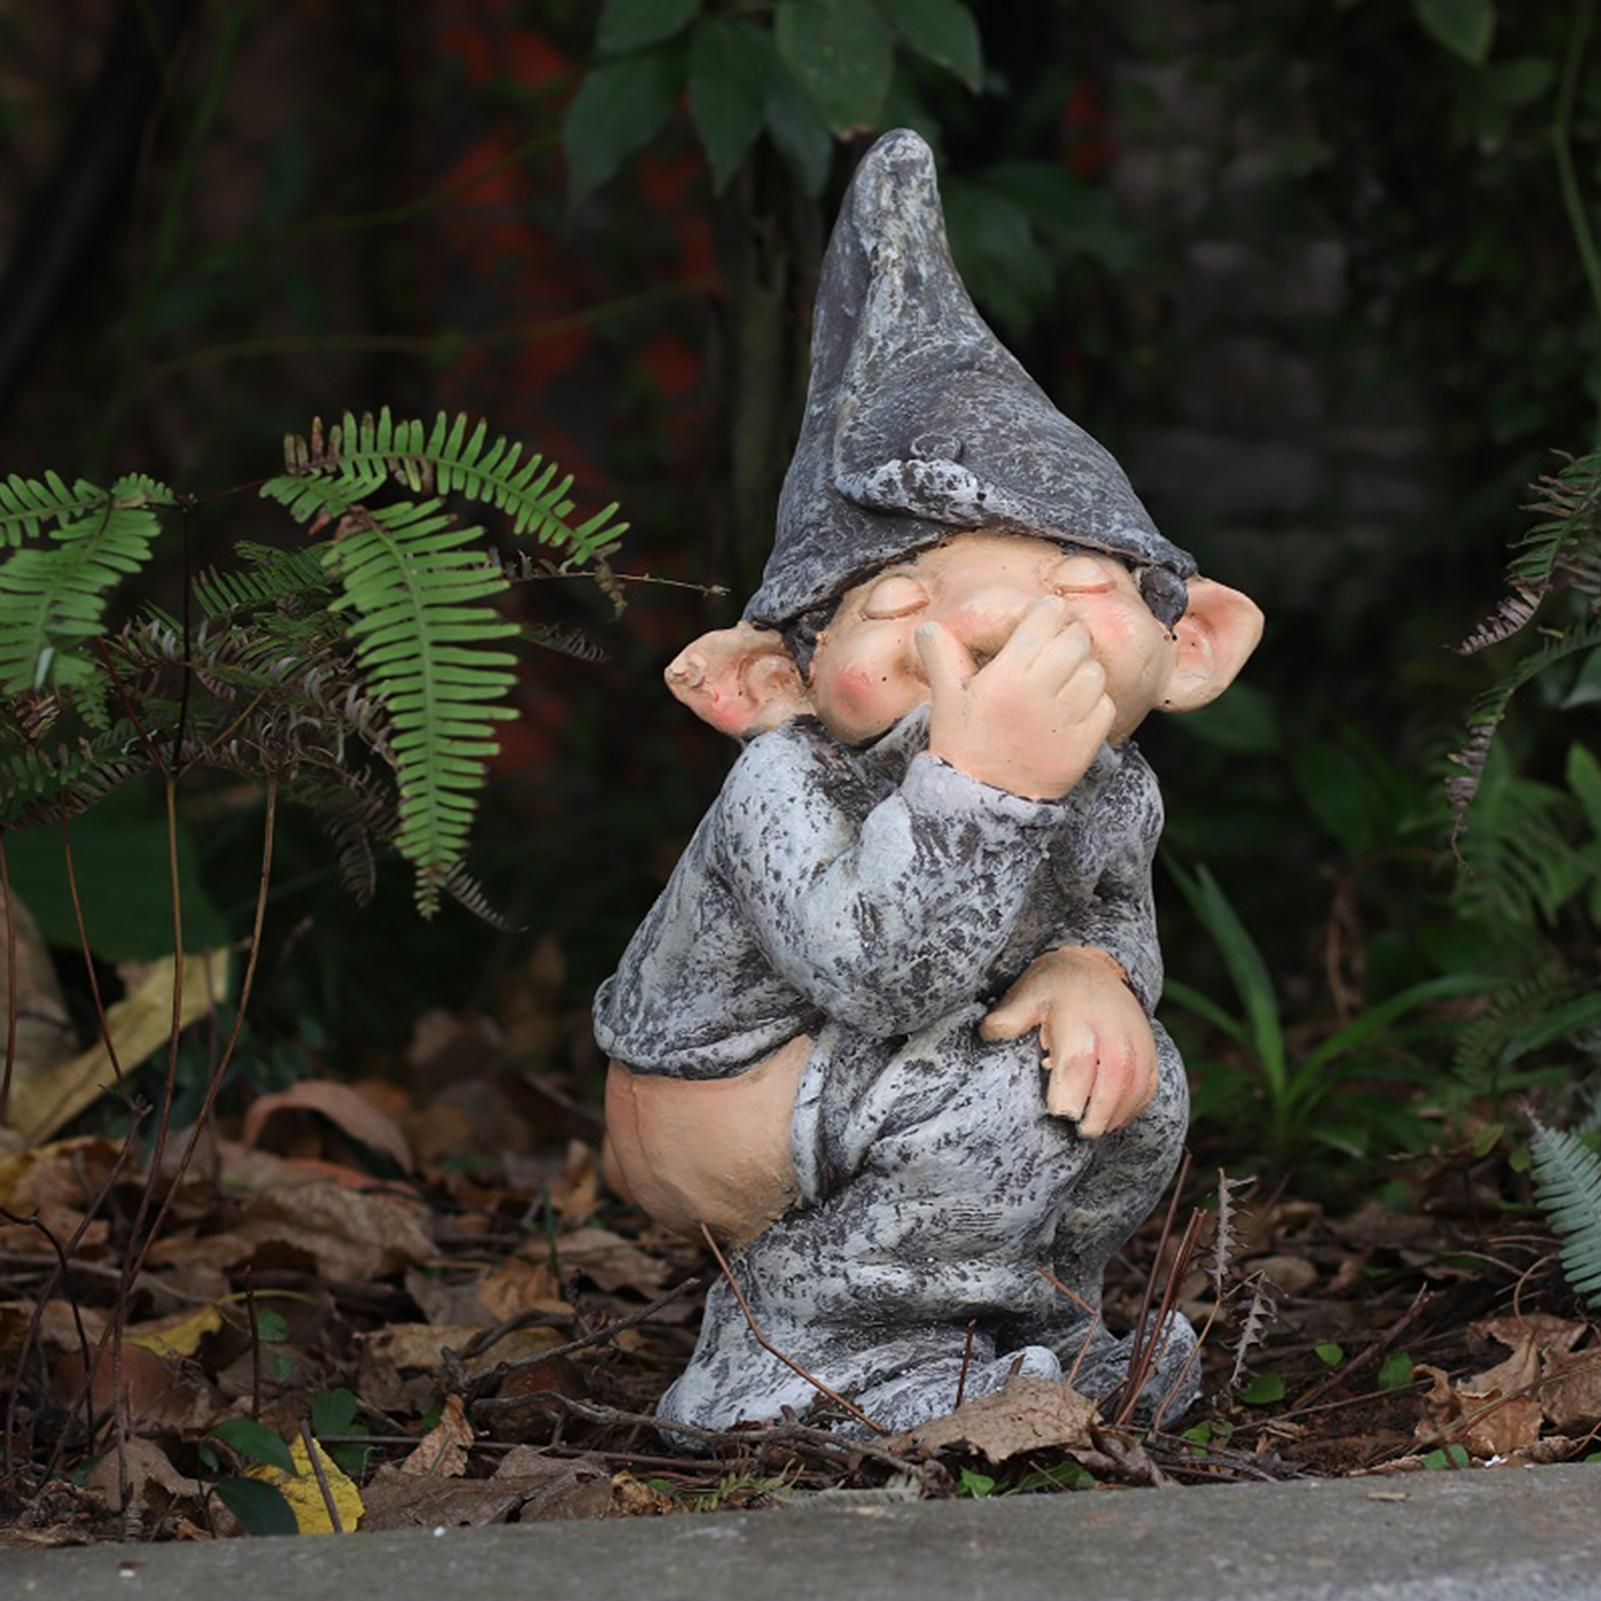 Забавные эльфийские украшения из смолы, форма, имитация забавного гнома, миниатюрная карликовая статуэтка, садовый декор для сада